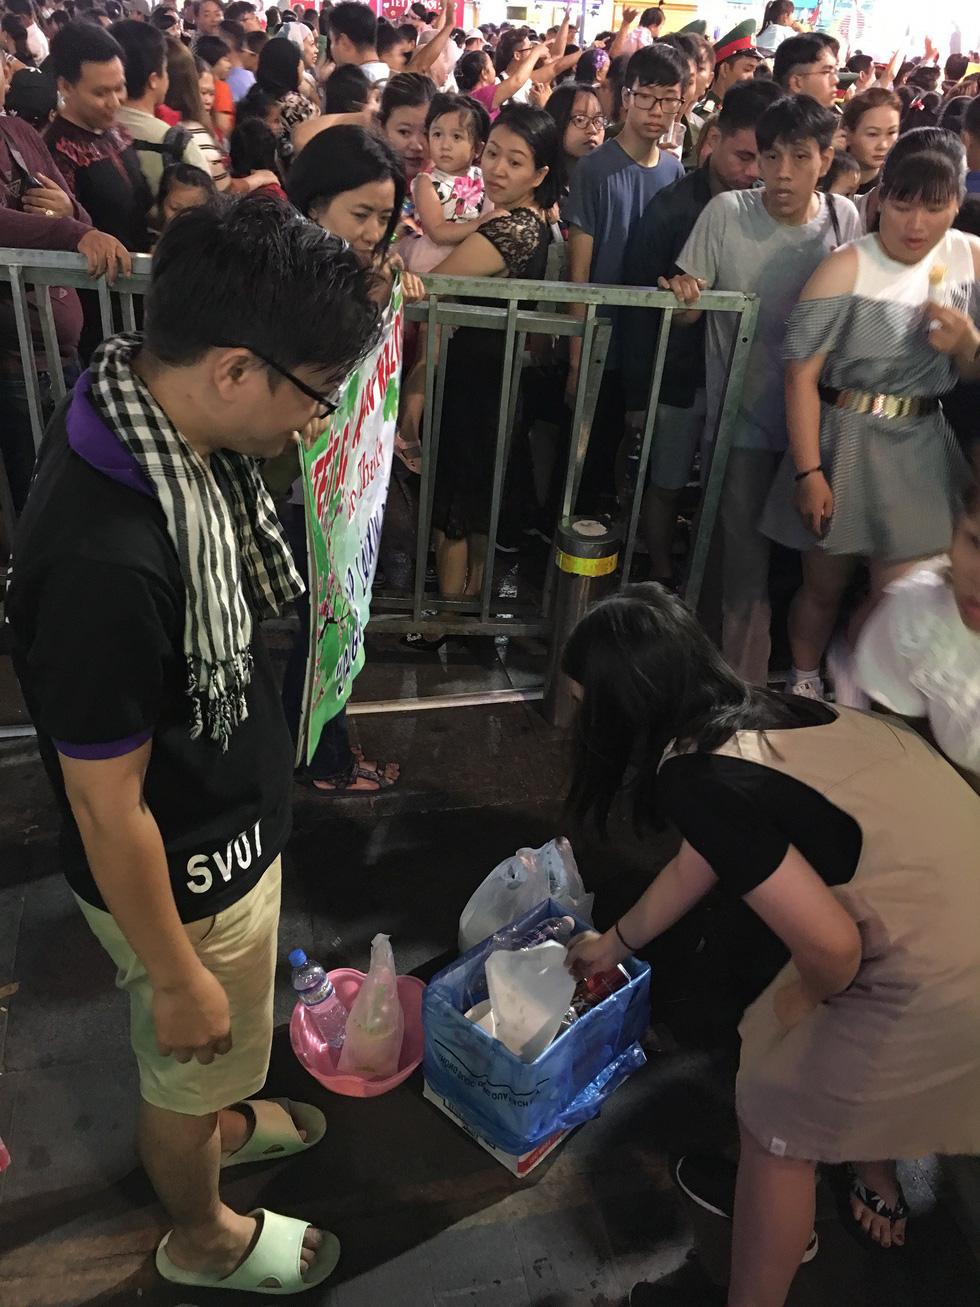 Băngrôn dễ thương nhất đường hoa Nguyễn Huệ 14 cái tết... - Ảnh 4.